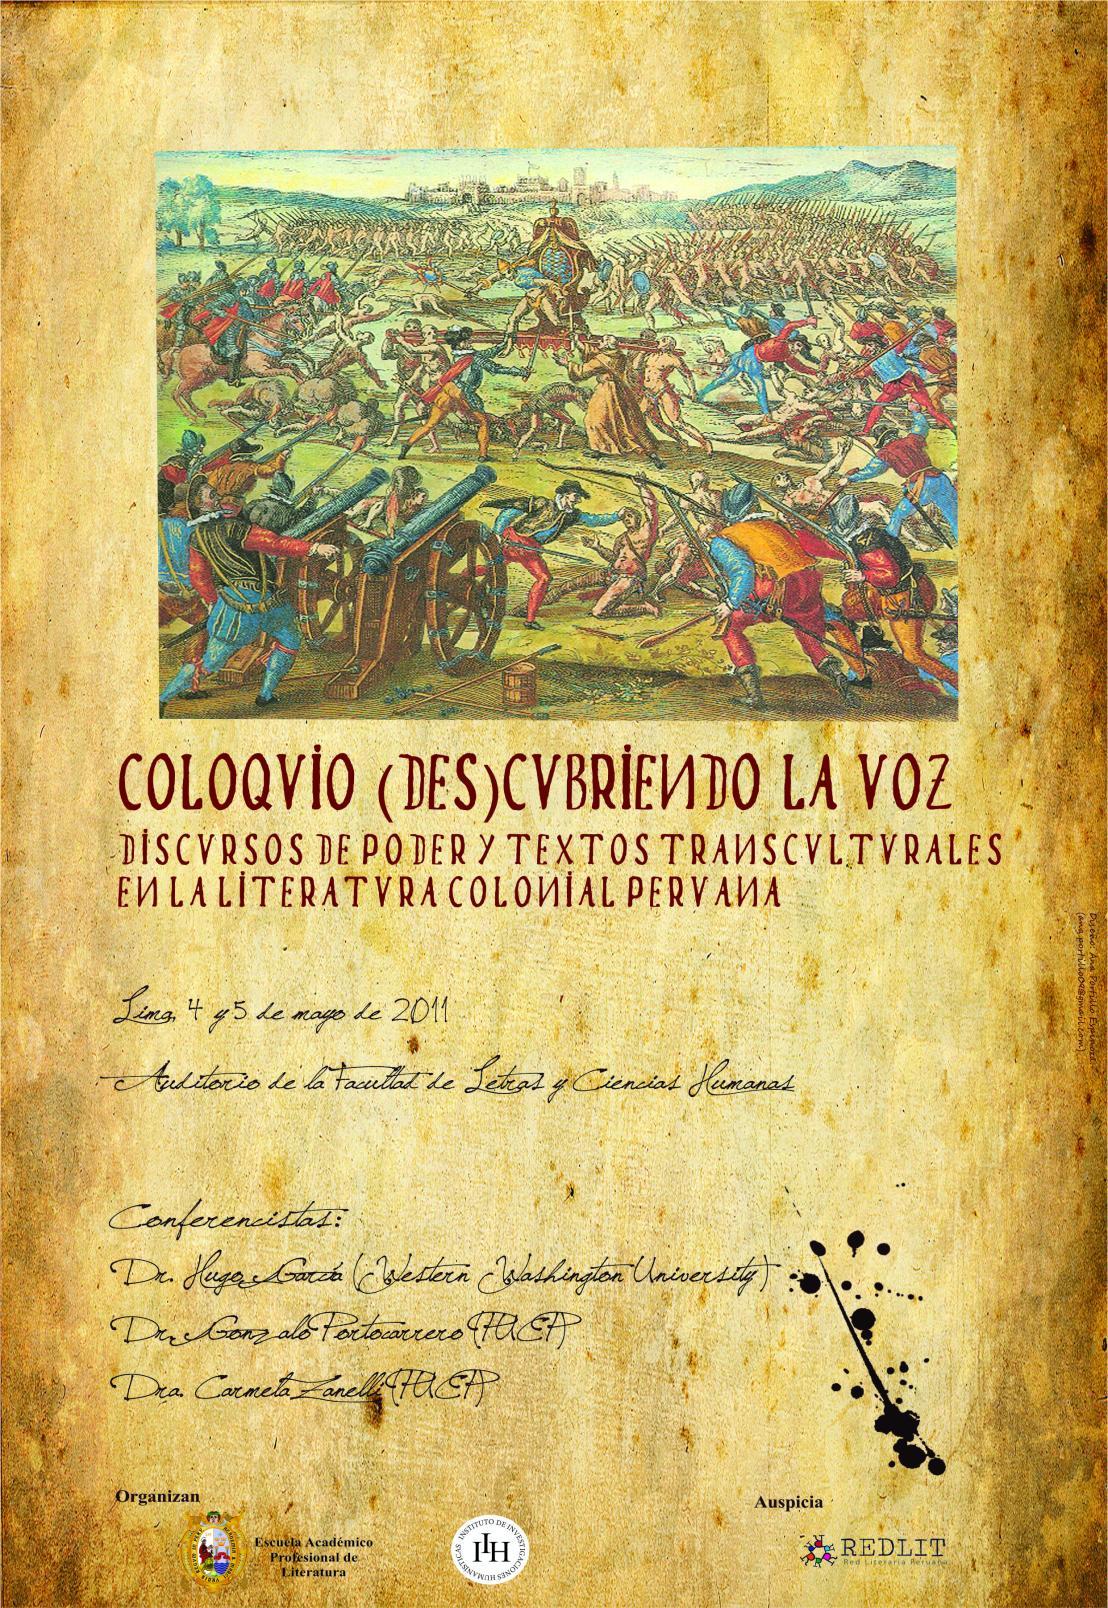 Programa del Coloquio (Des)cubriendo la voz: Discursos de poder y textos transculturales en la literatura colonialperuana